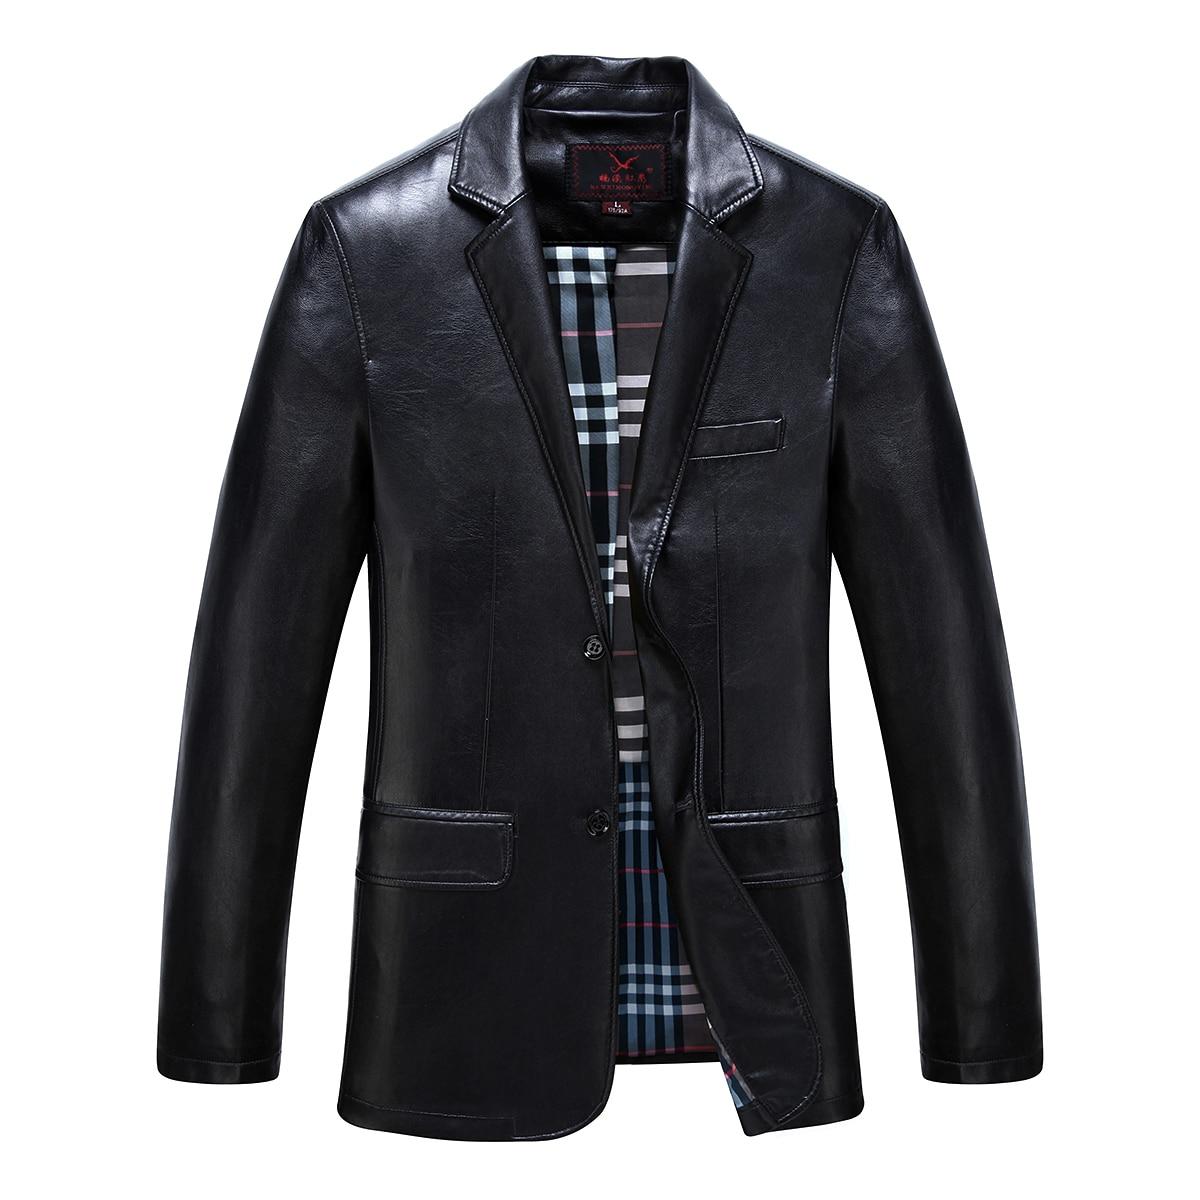 Automne Veste Hommes Mouton De amp; Cuir Peau Printemps Blazer Costume 15089new En TEwxZq7p7